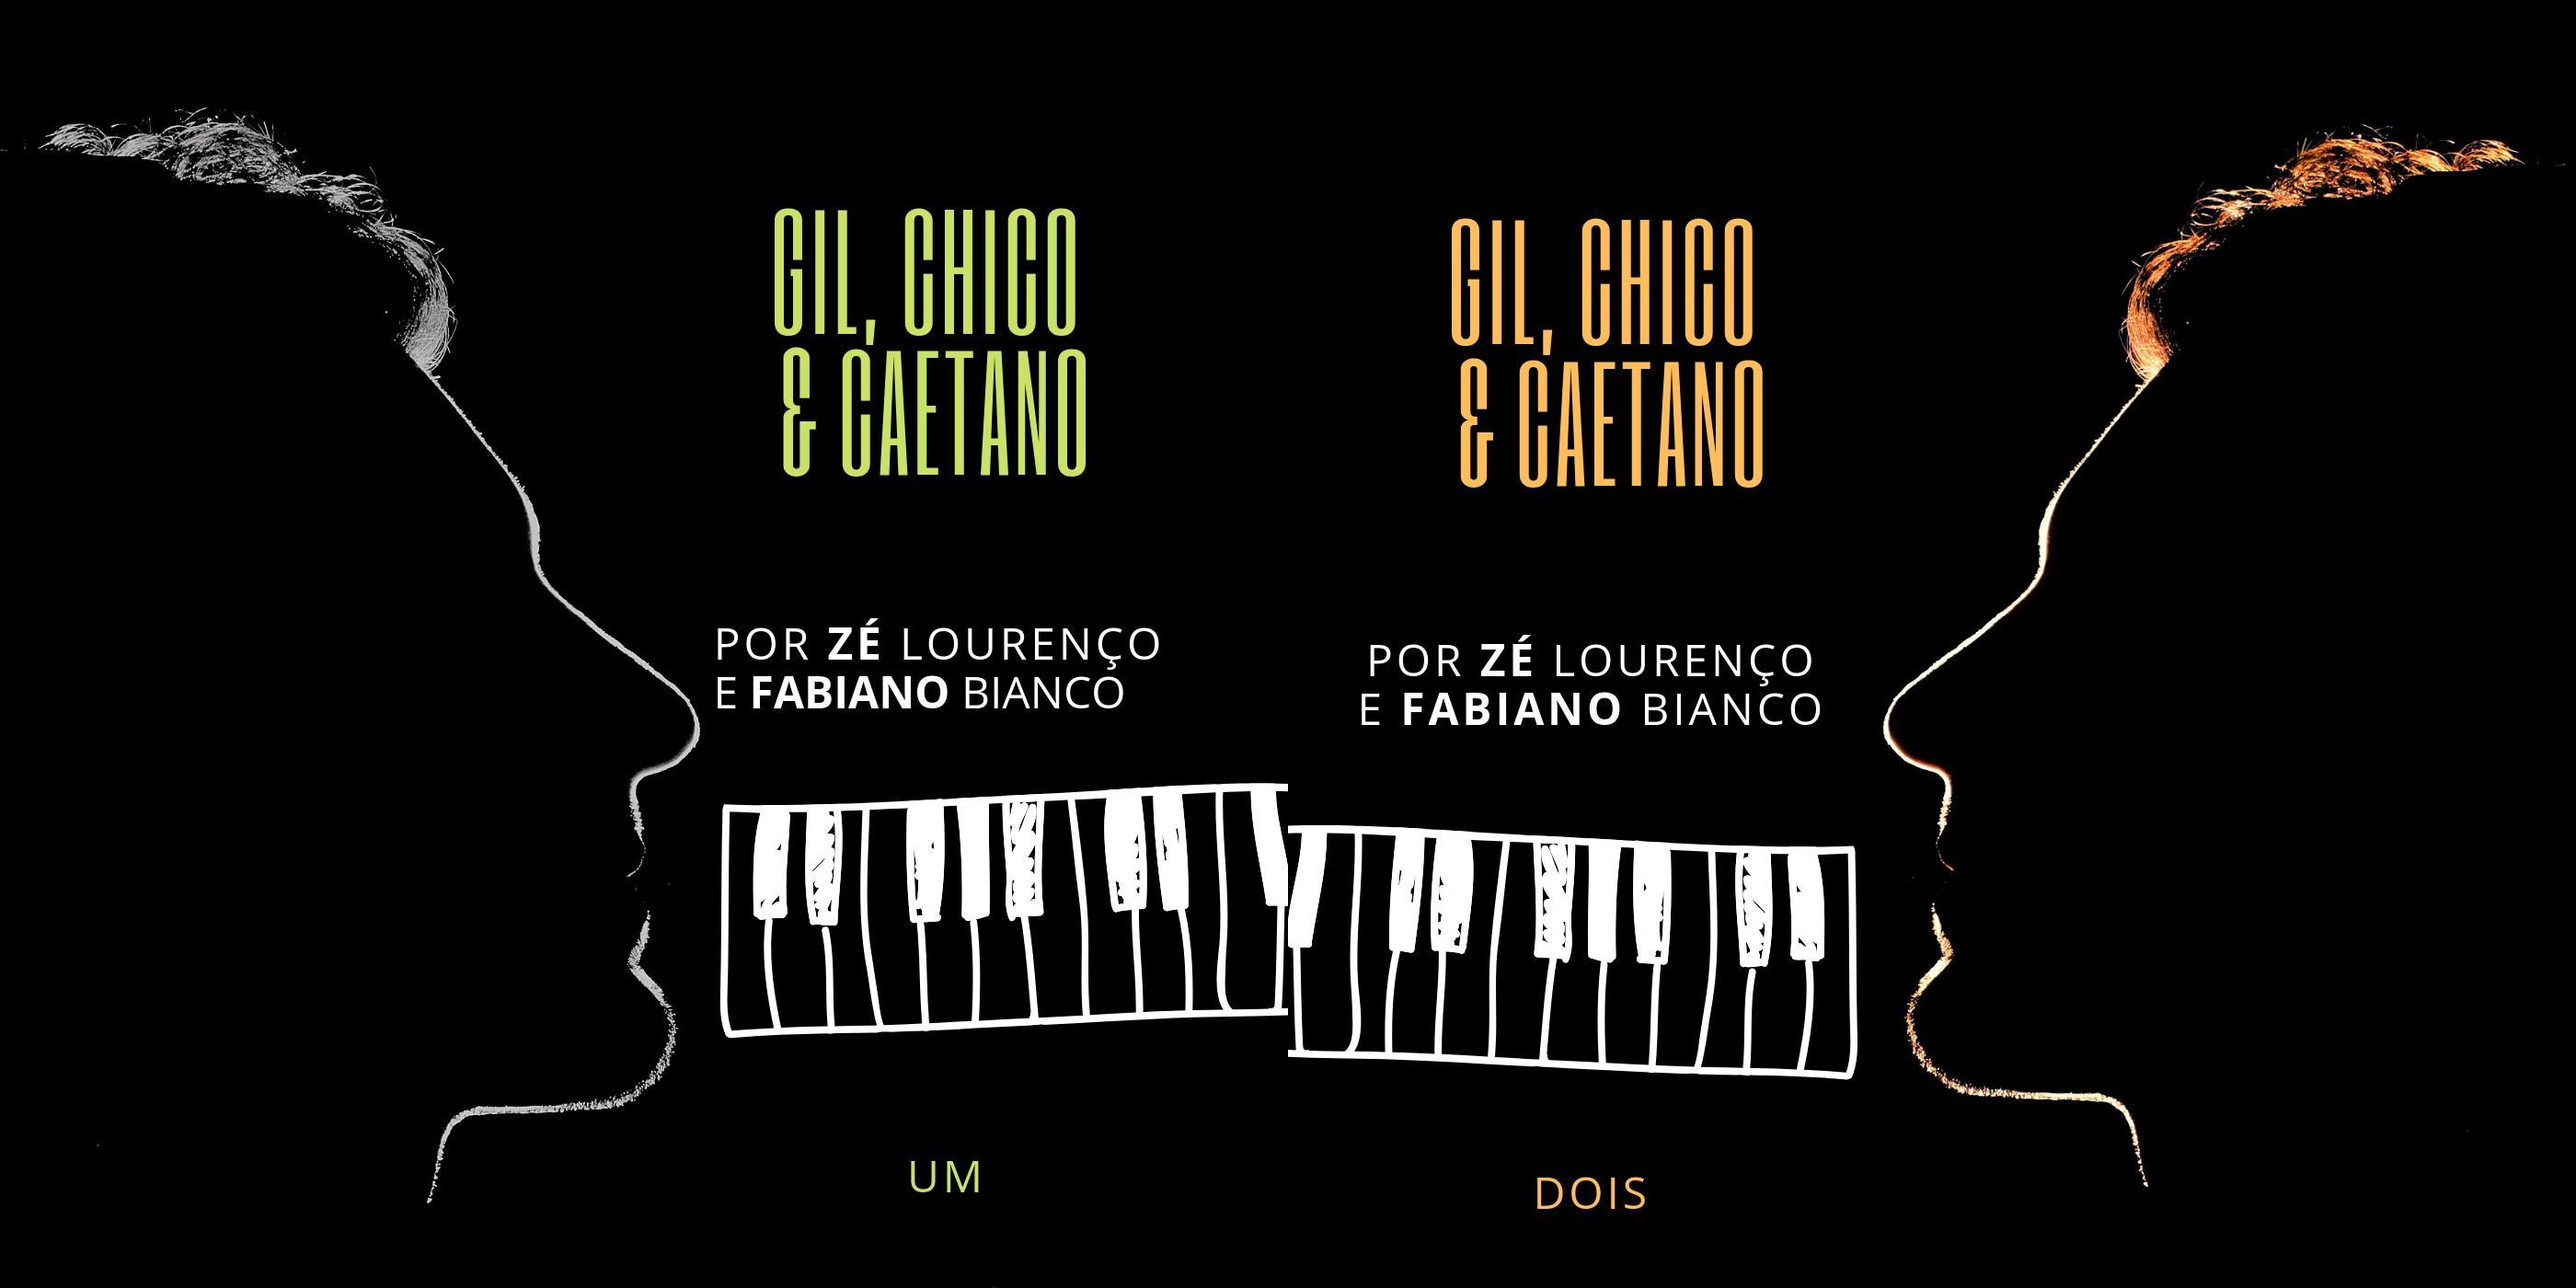 Gilberto Gil, Chico Buarque e Caetano Veloso têm obras entrelaçadas em disco duplo de cantor com pianista